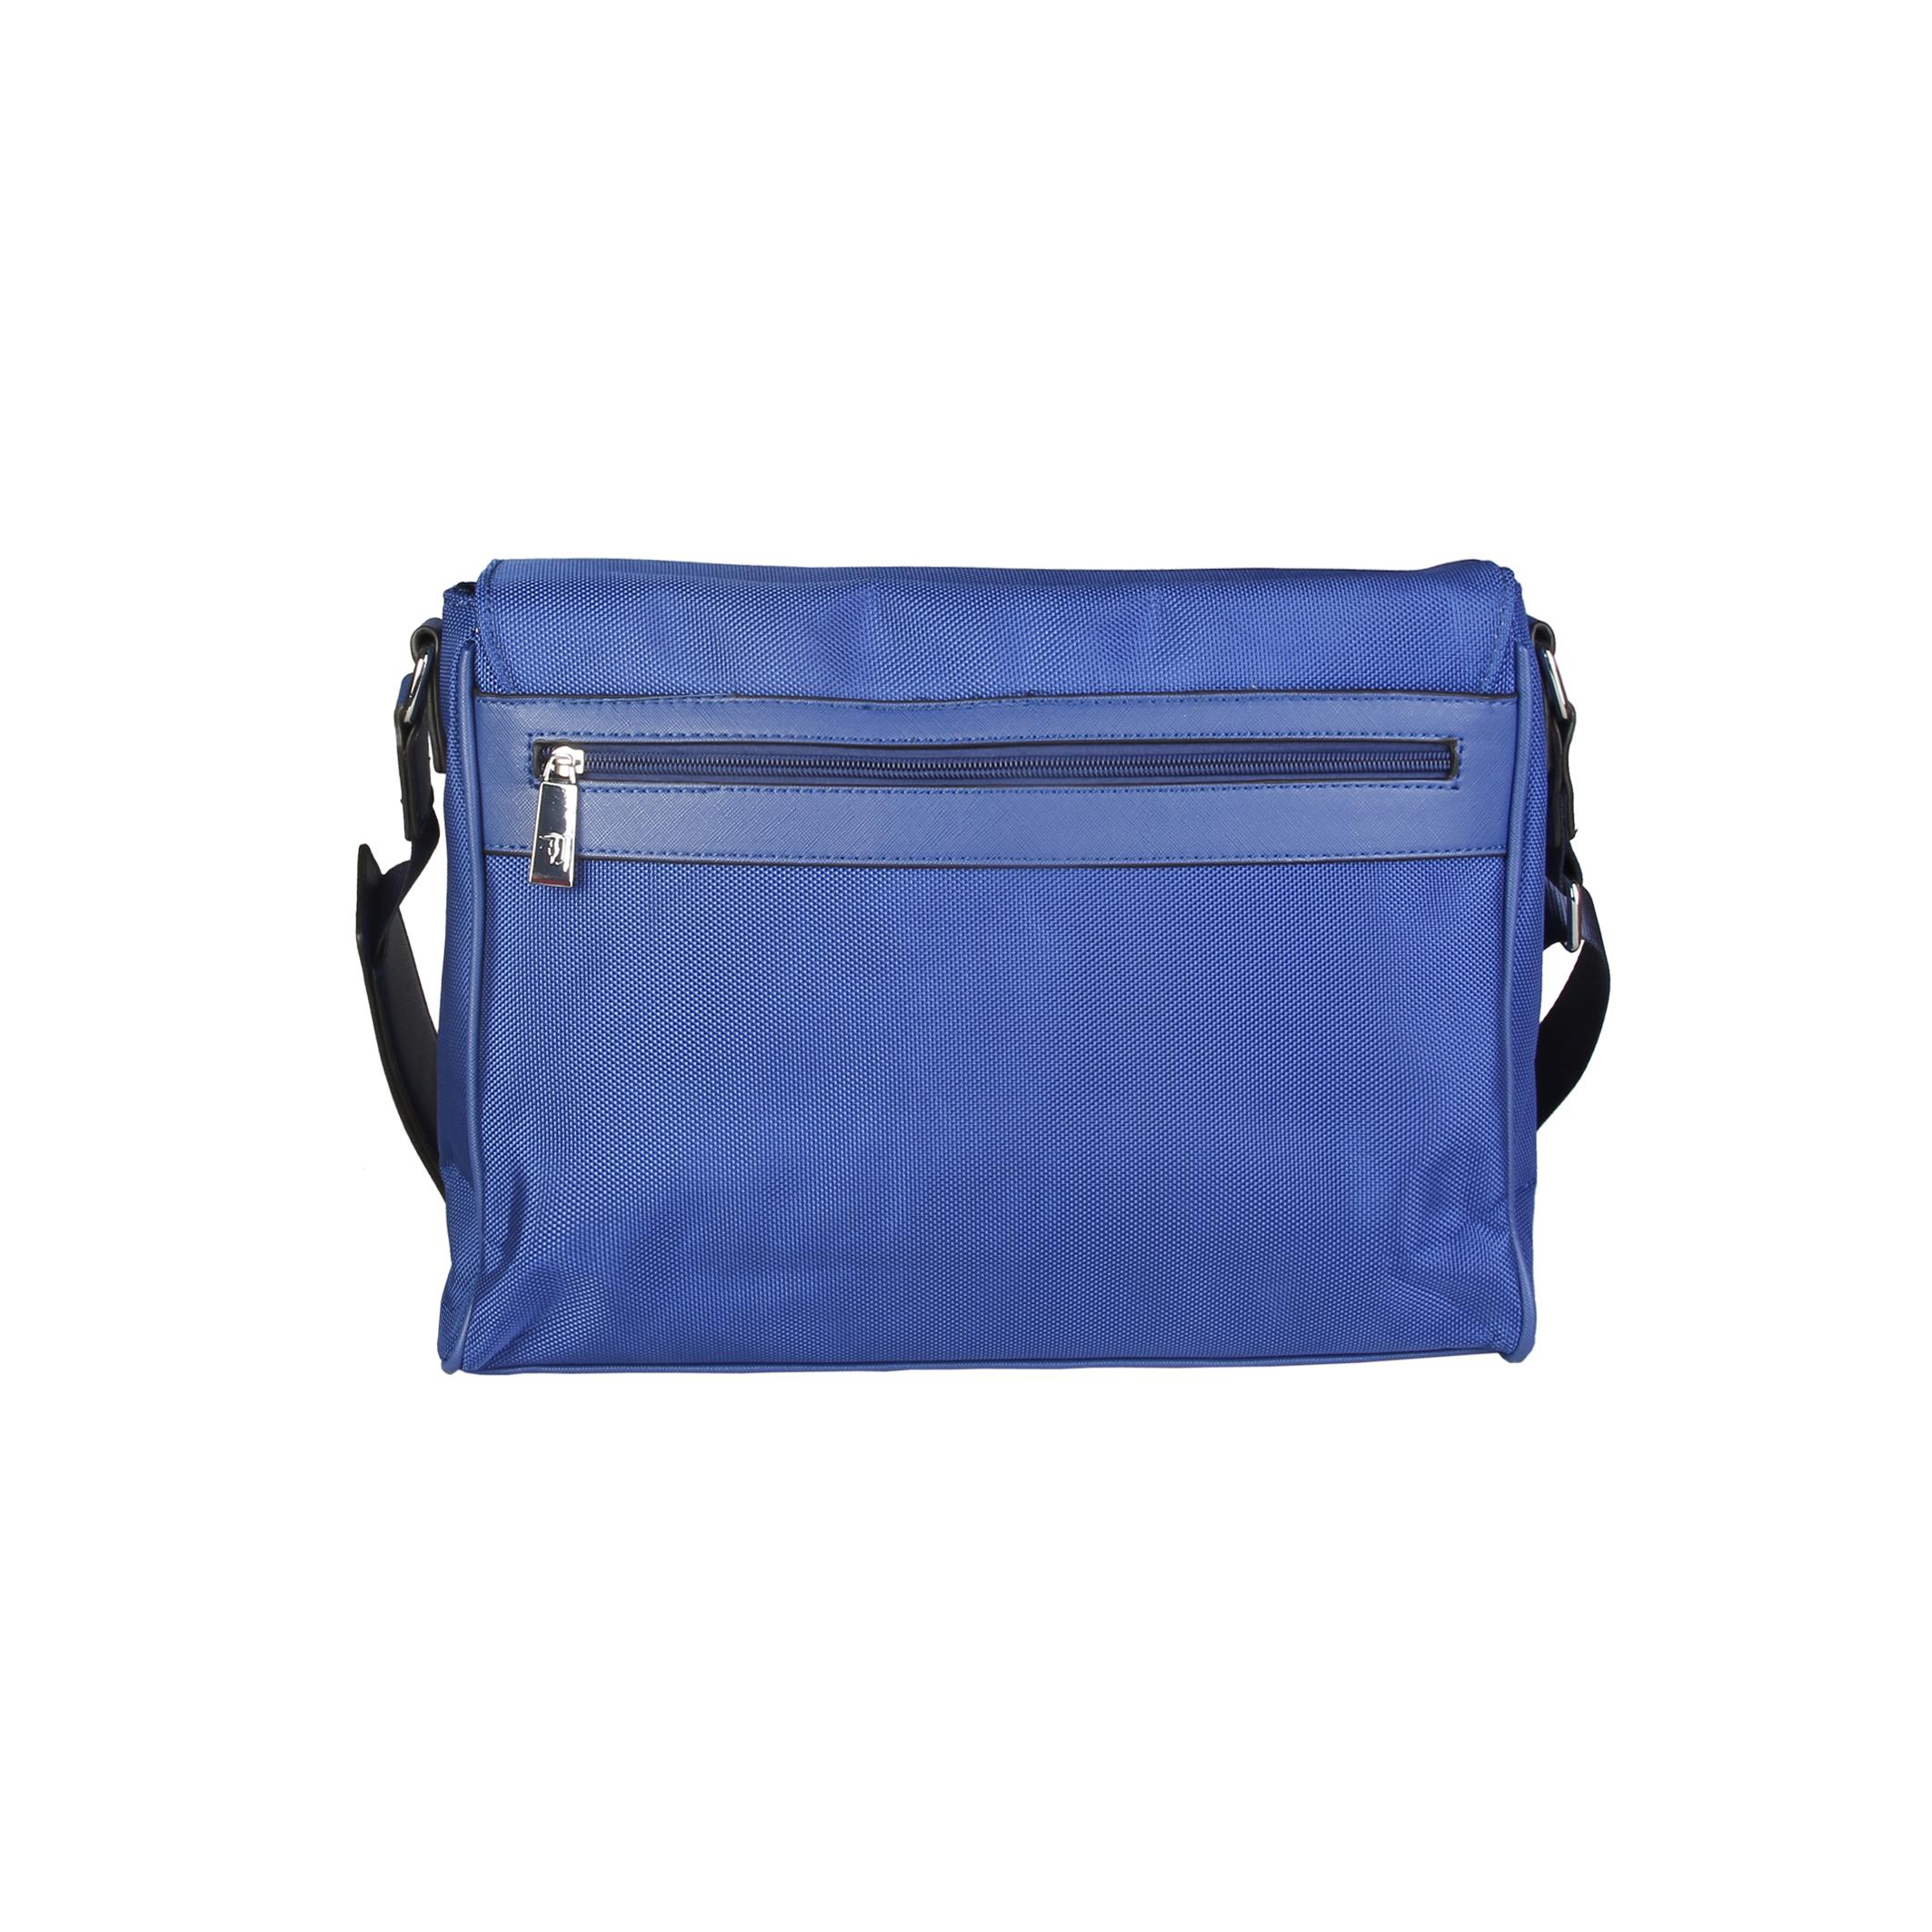 Accessoires   Trussardi 71B987T blue